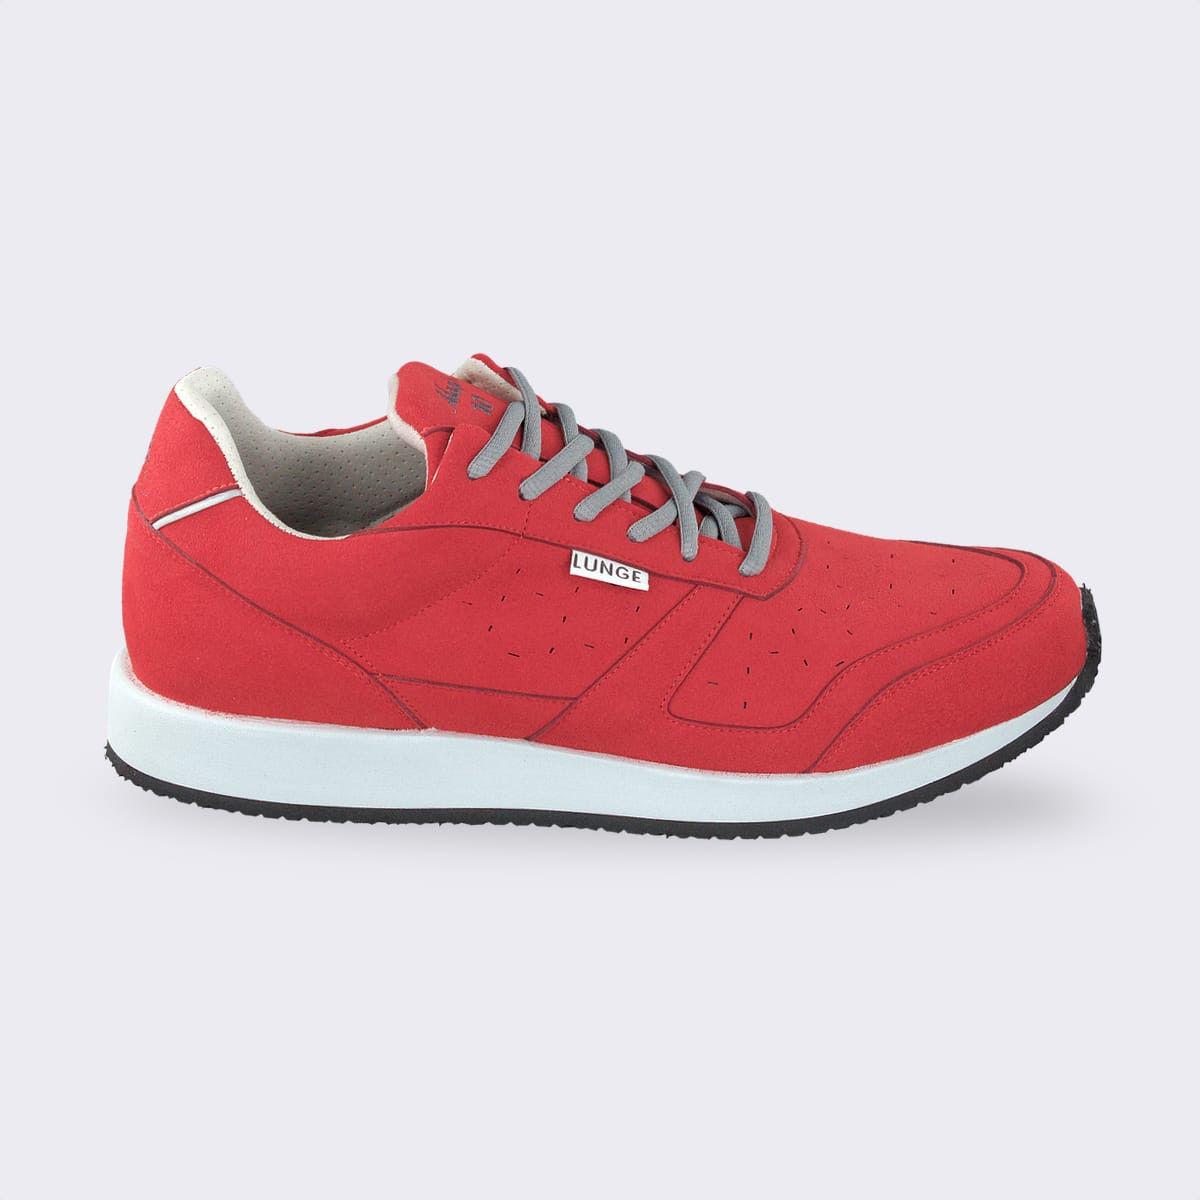 Lunge Classic Walk in Rot Grau